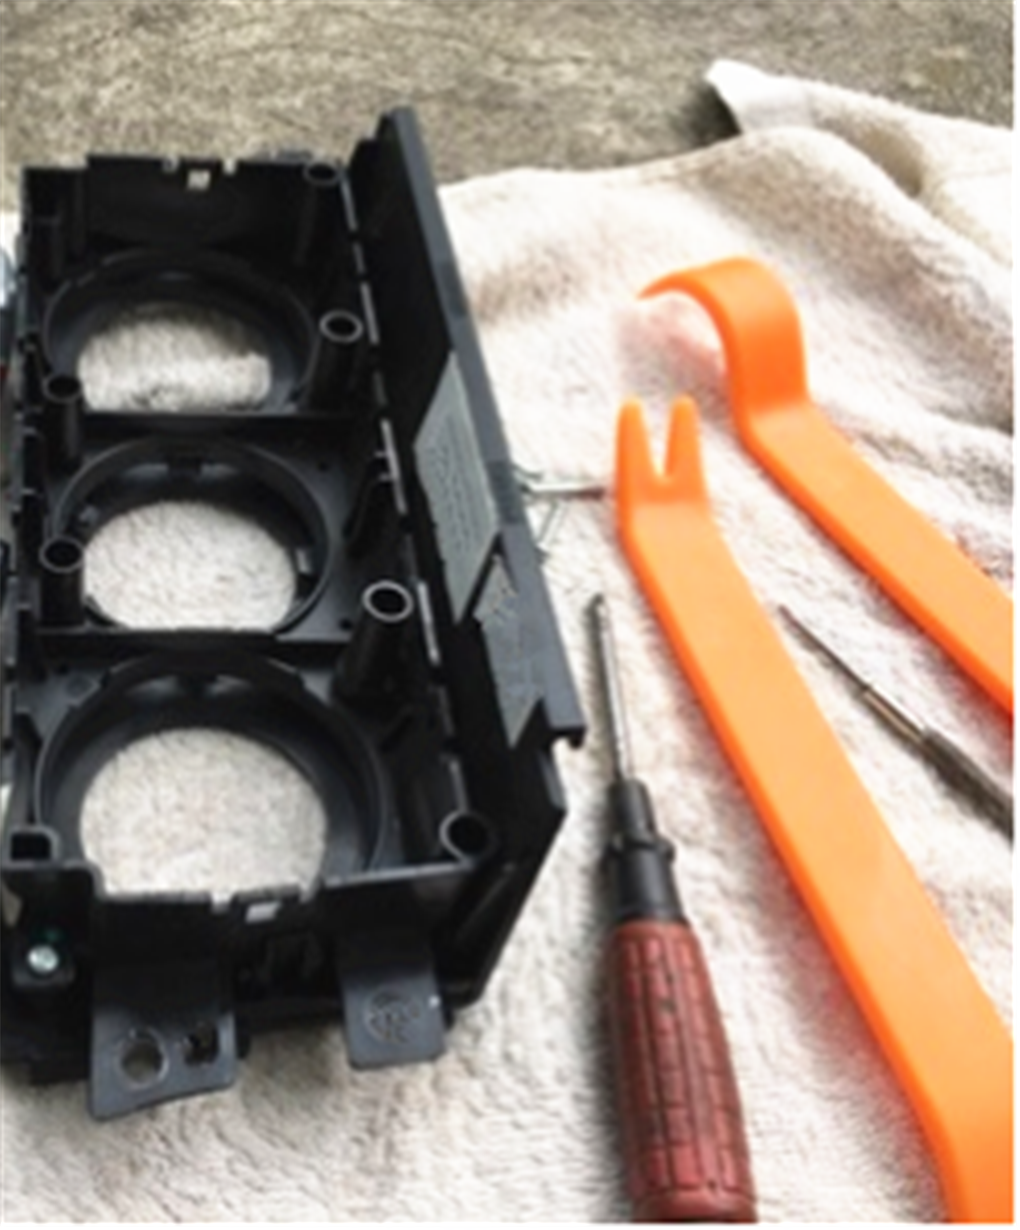 רכב הסרת לוח כלים פנל dvd תיקון עבור KIA SOLARIS ורנה IX25 IX35 IX45 סונטה 8 כל מכוניות קדנצה טלוריד